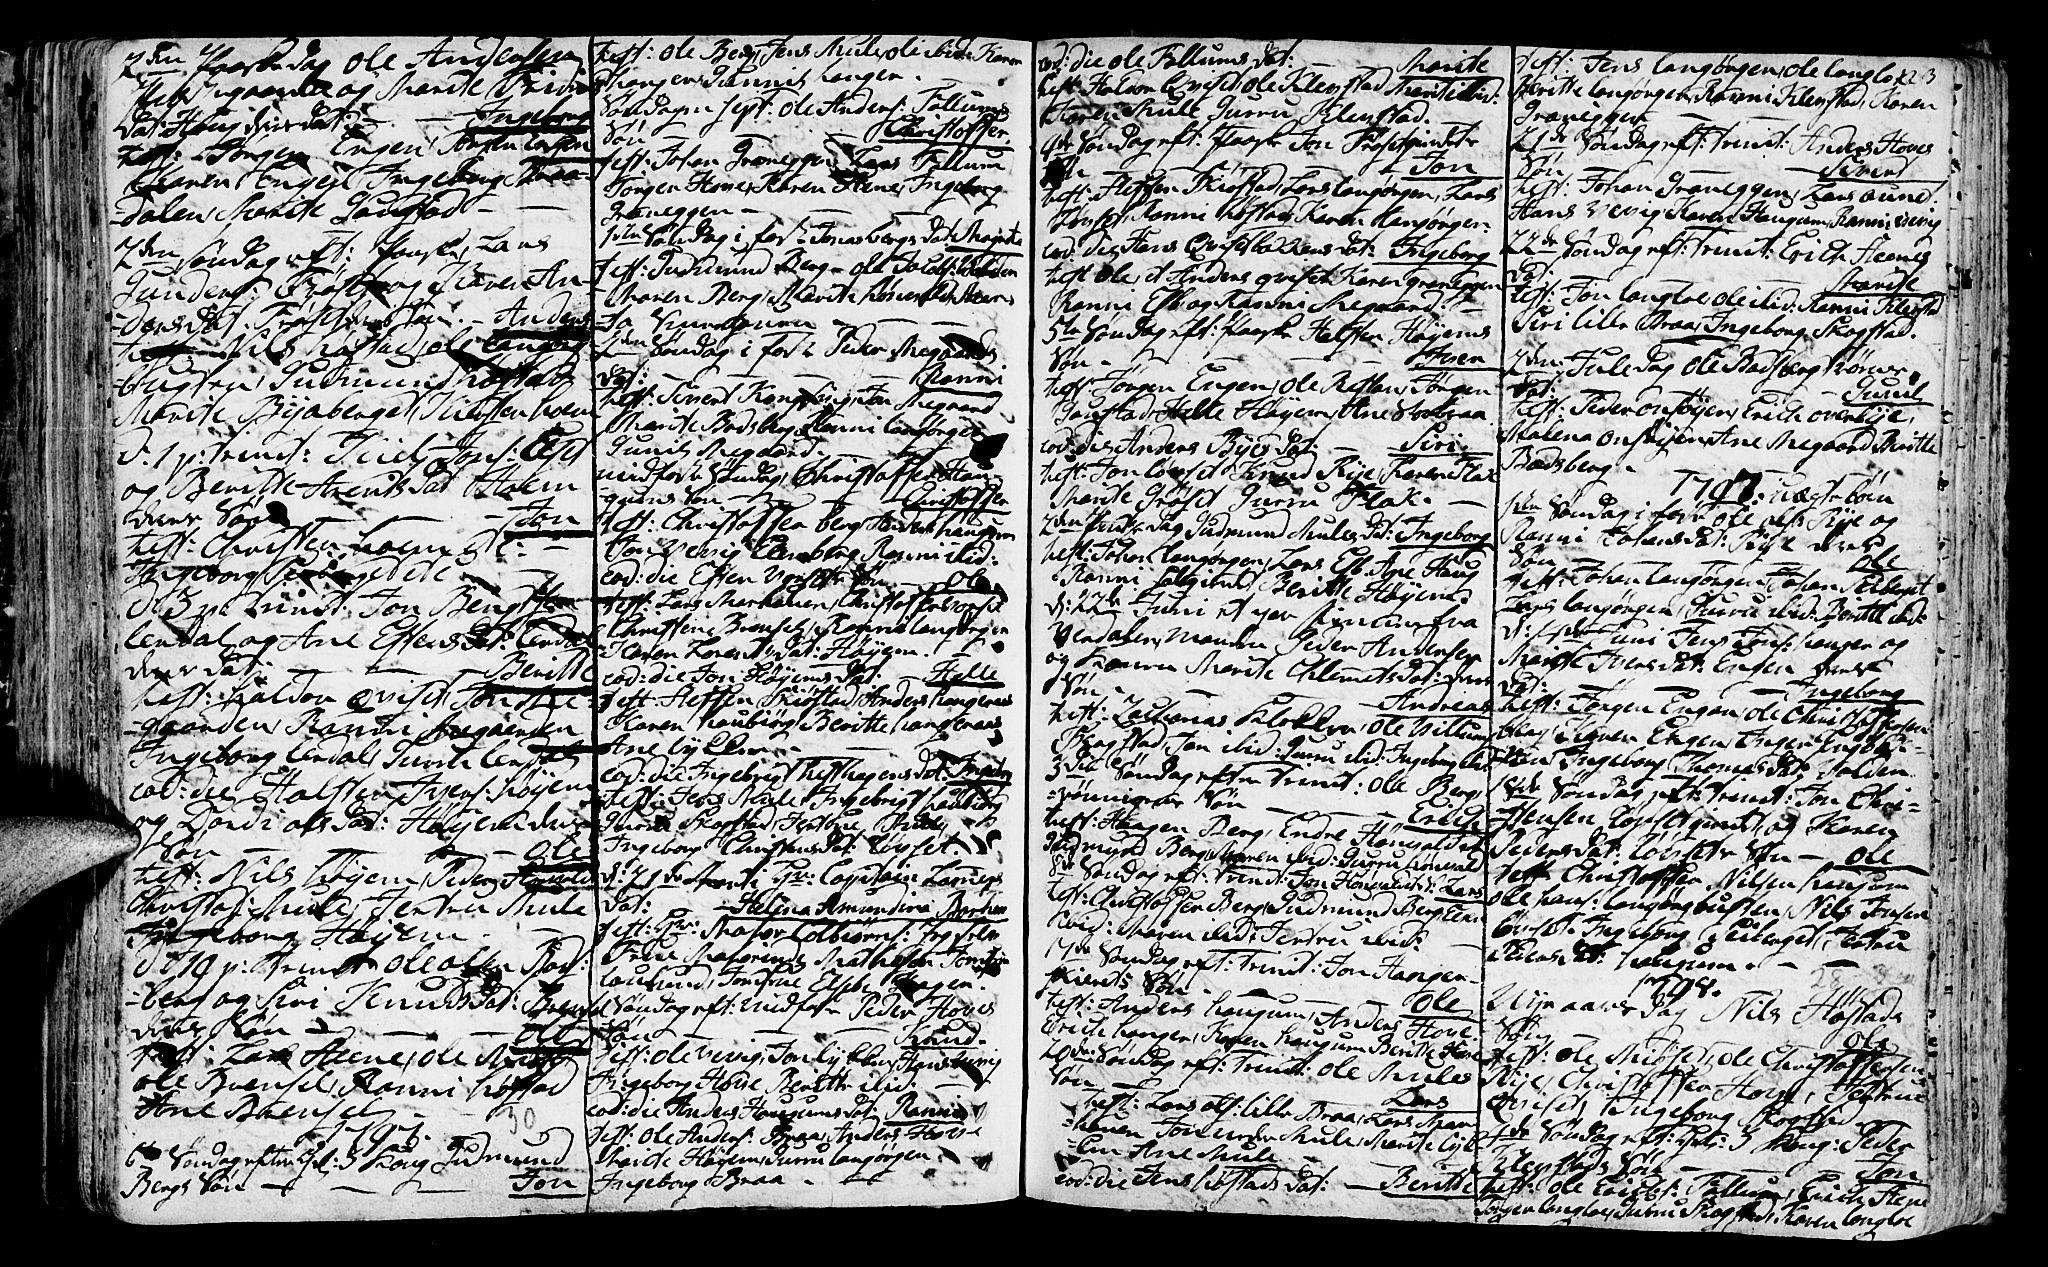 SAT, Ministerialprotokoller, klokkerbøker og fødselsregistre - Sør-Trøndelag, 612/L0370: Ministerialbok nr. 612A04, 1754-1802, s. 123